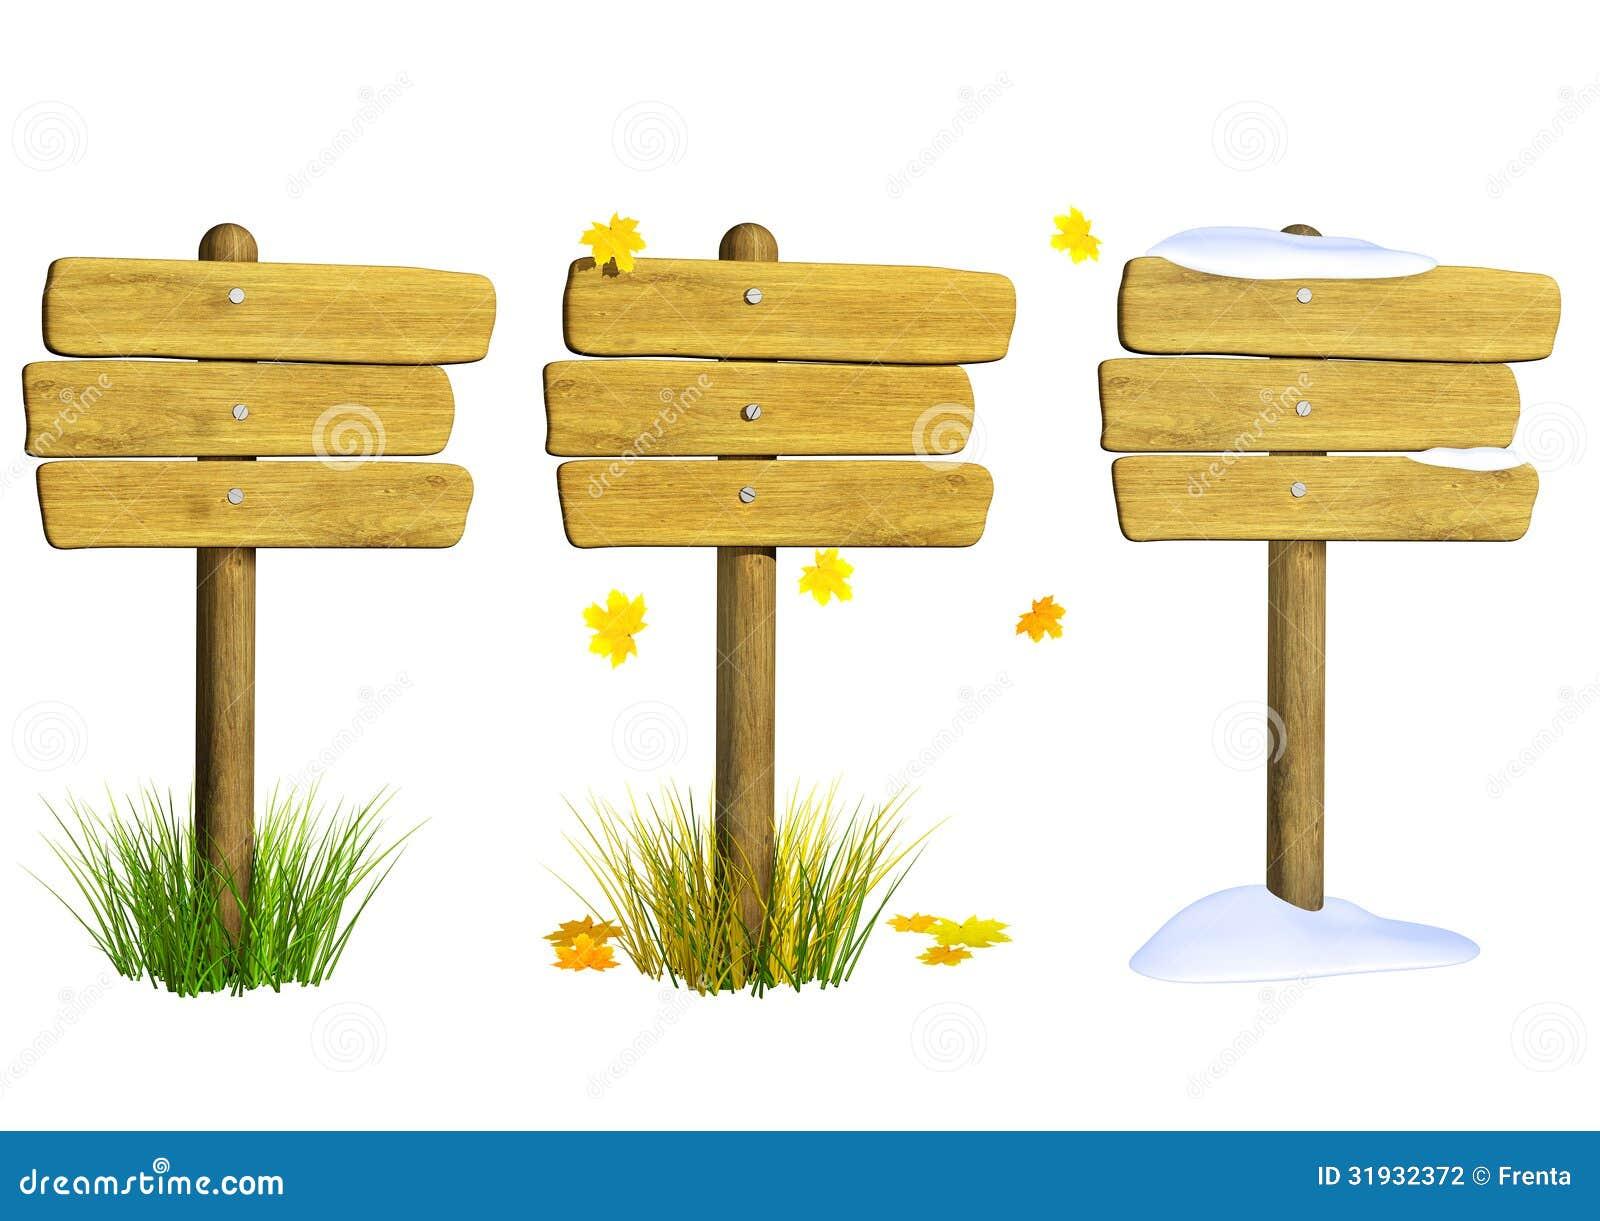 Image gallery letreros - Letreros en madera ...